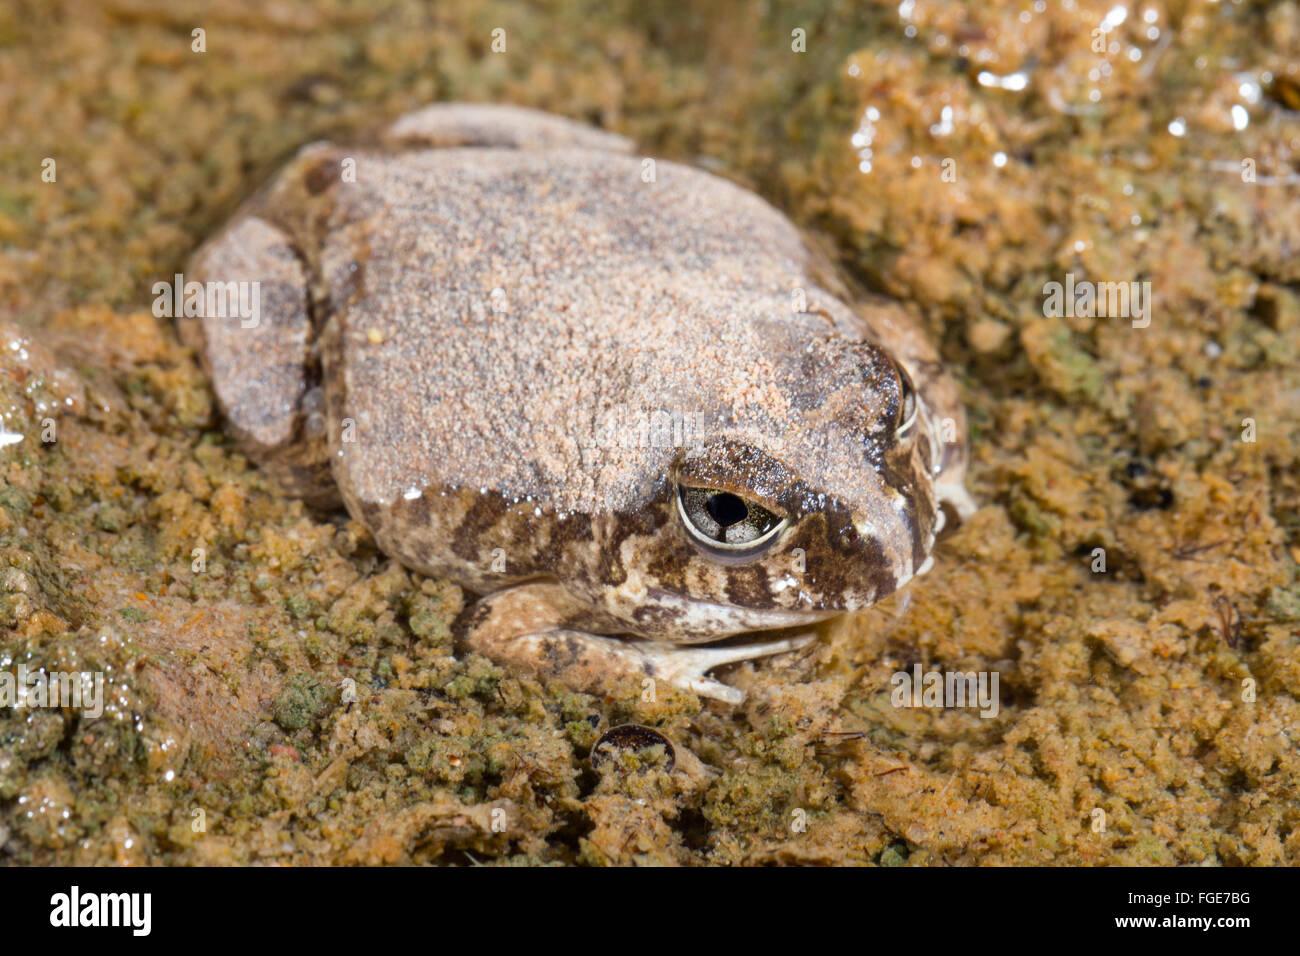 Reich verzierte wühlen Frosch (Platyplectrum Ornatum), Queensland, Australien Stockfoto